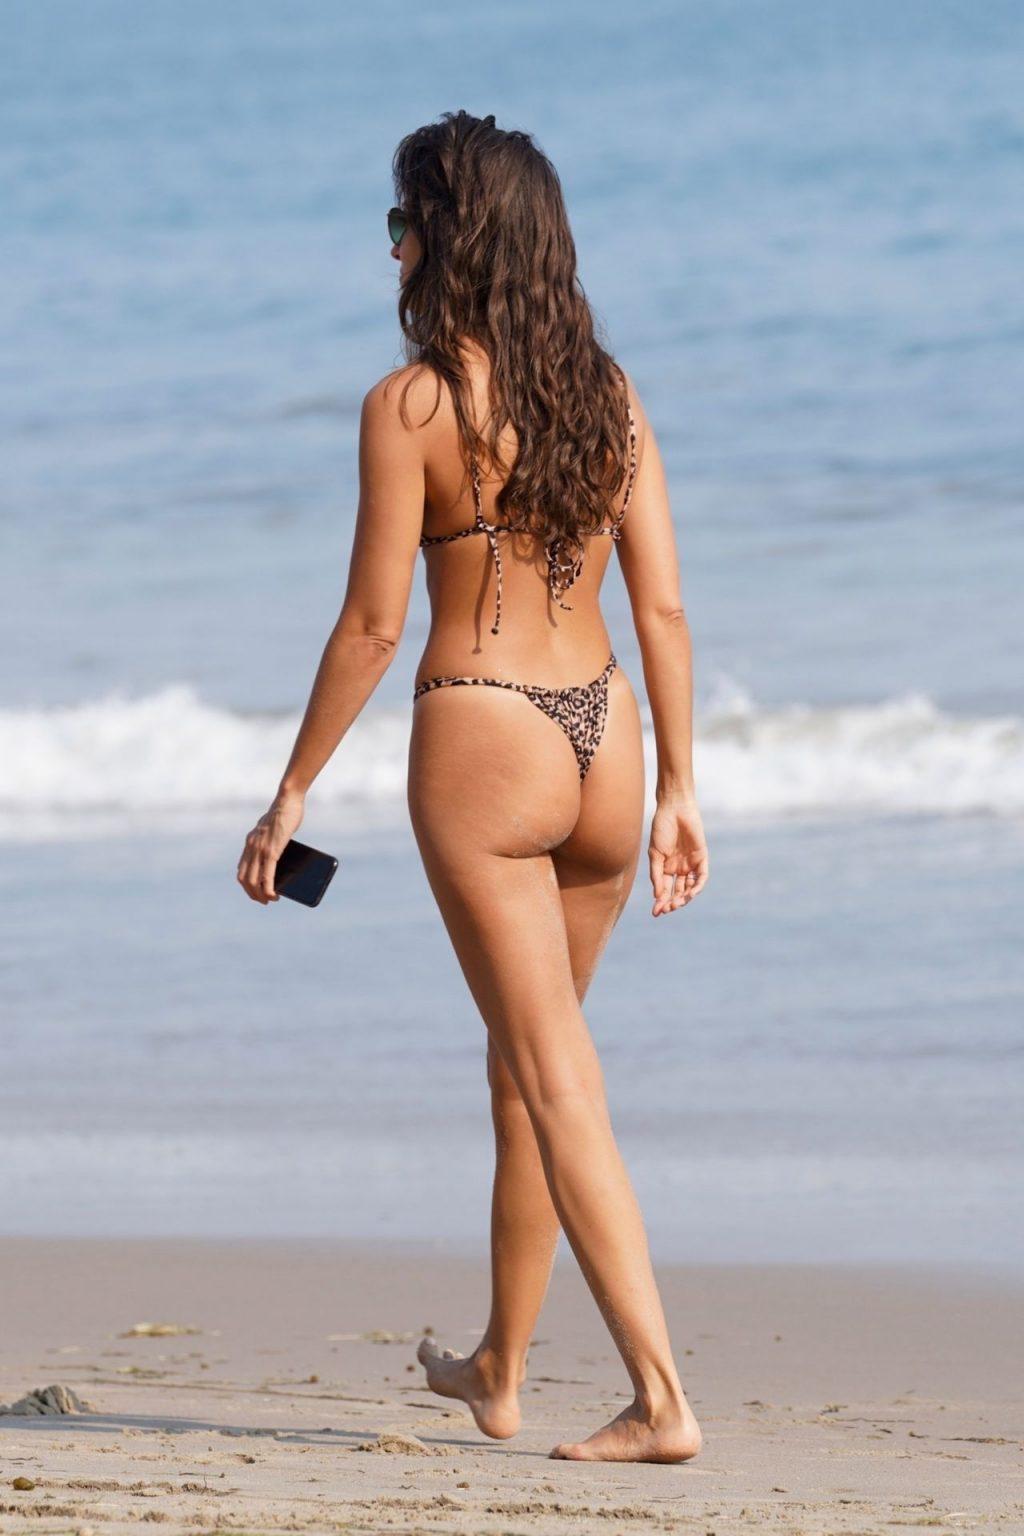 Ines de Ramon Shows Off Her Sexy Beach Body (16 Photos)